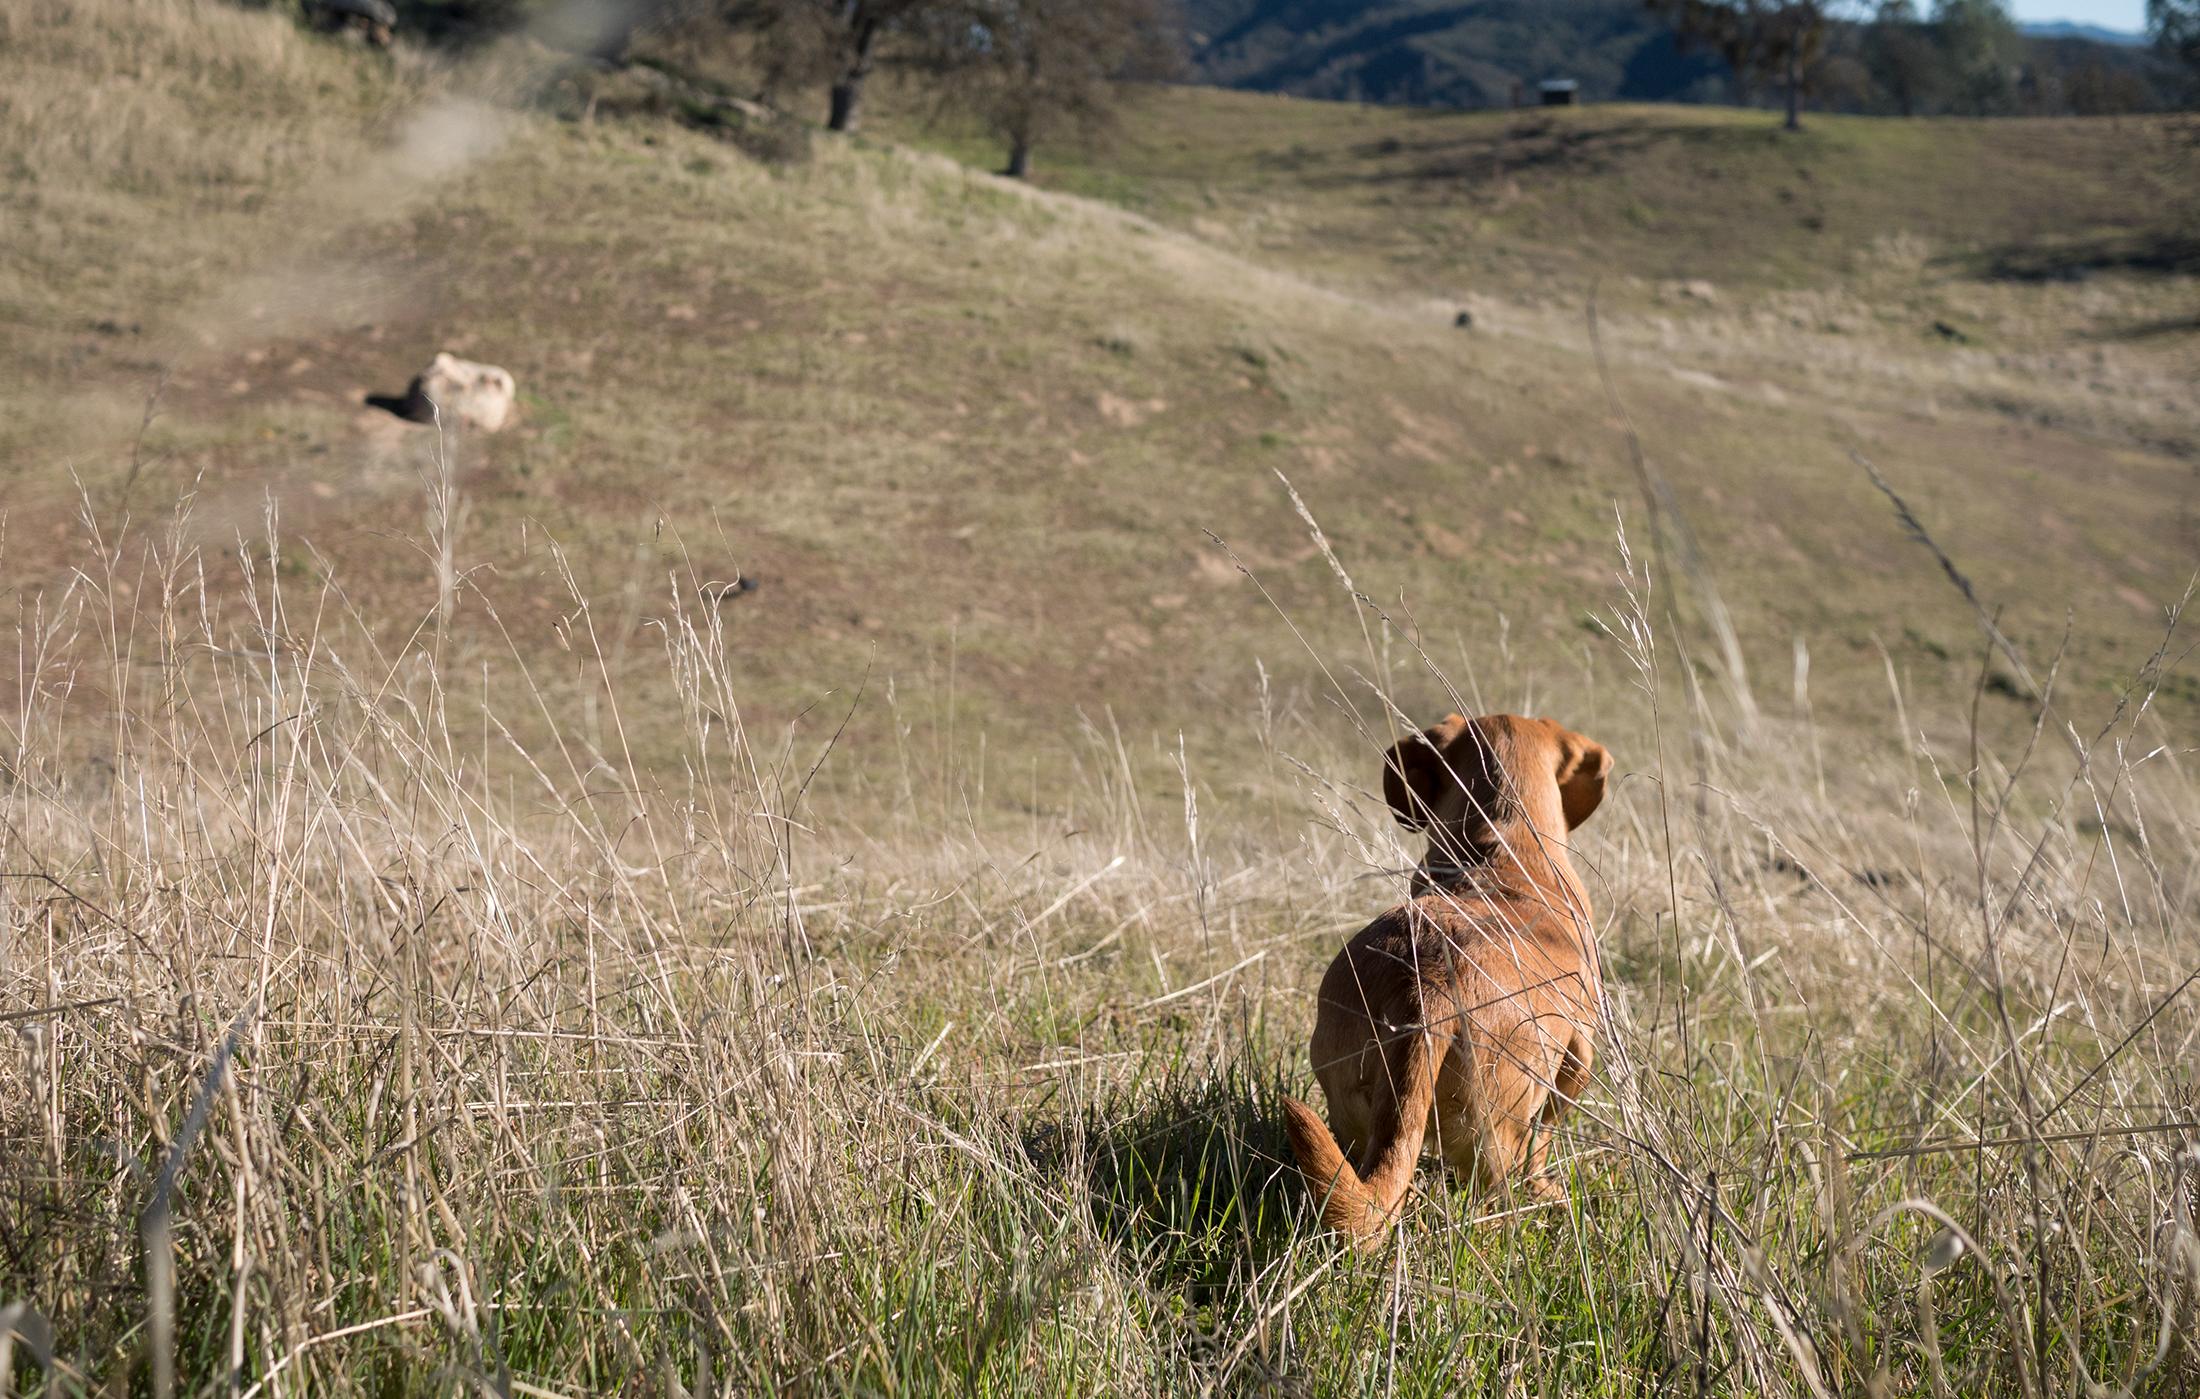 bentley-hobo-life-hoangmnguyen-dachshund